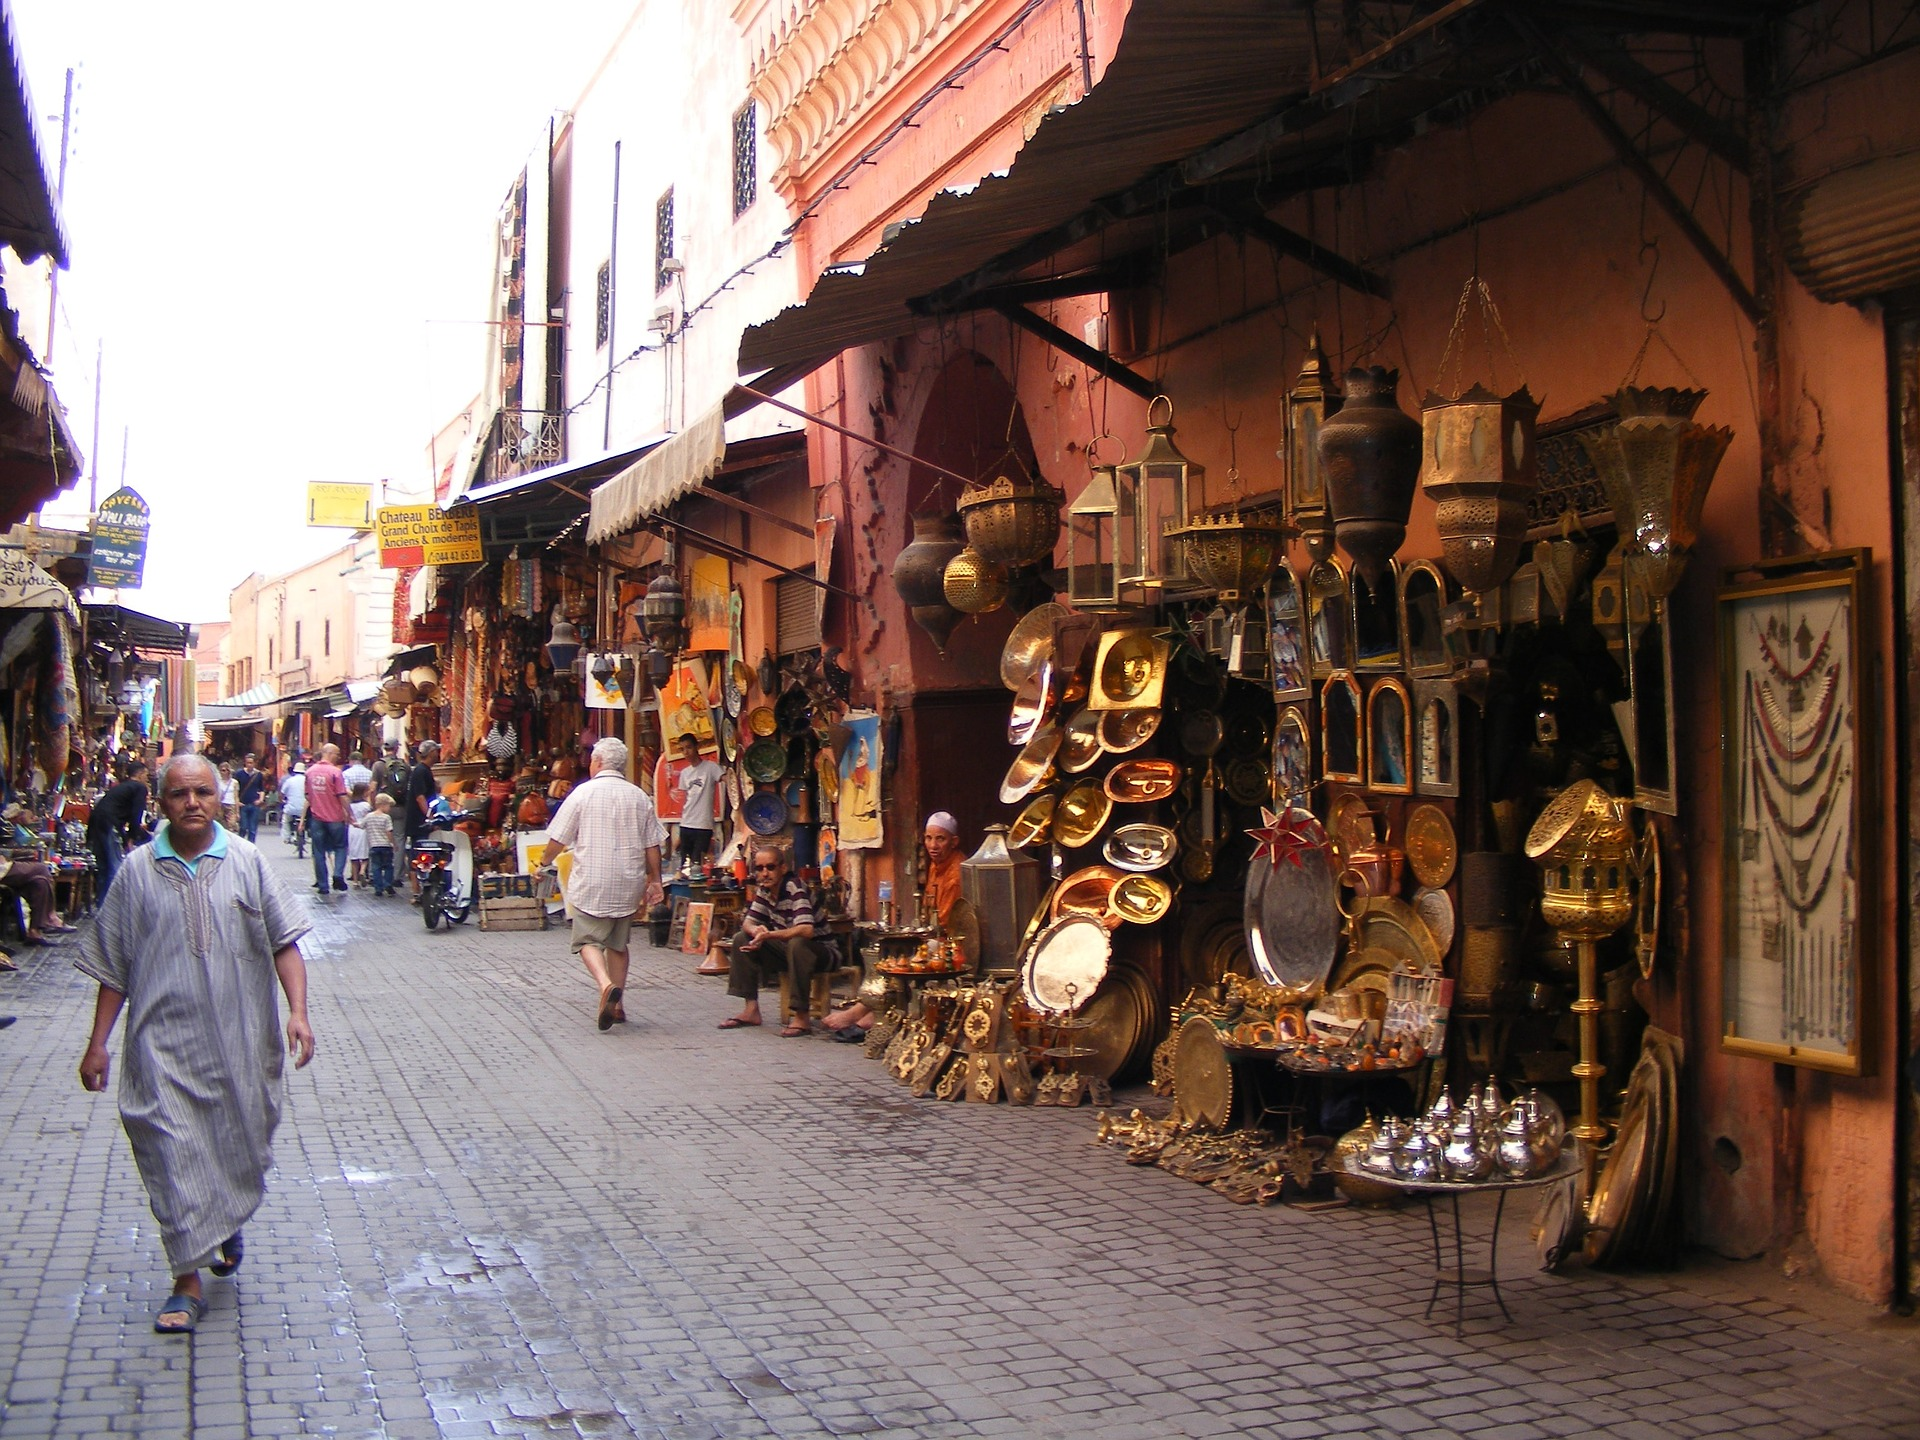 Kurzurlaub in Marokko Marrakesch 4 Nächte ab 103,25€ pro Person